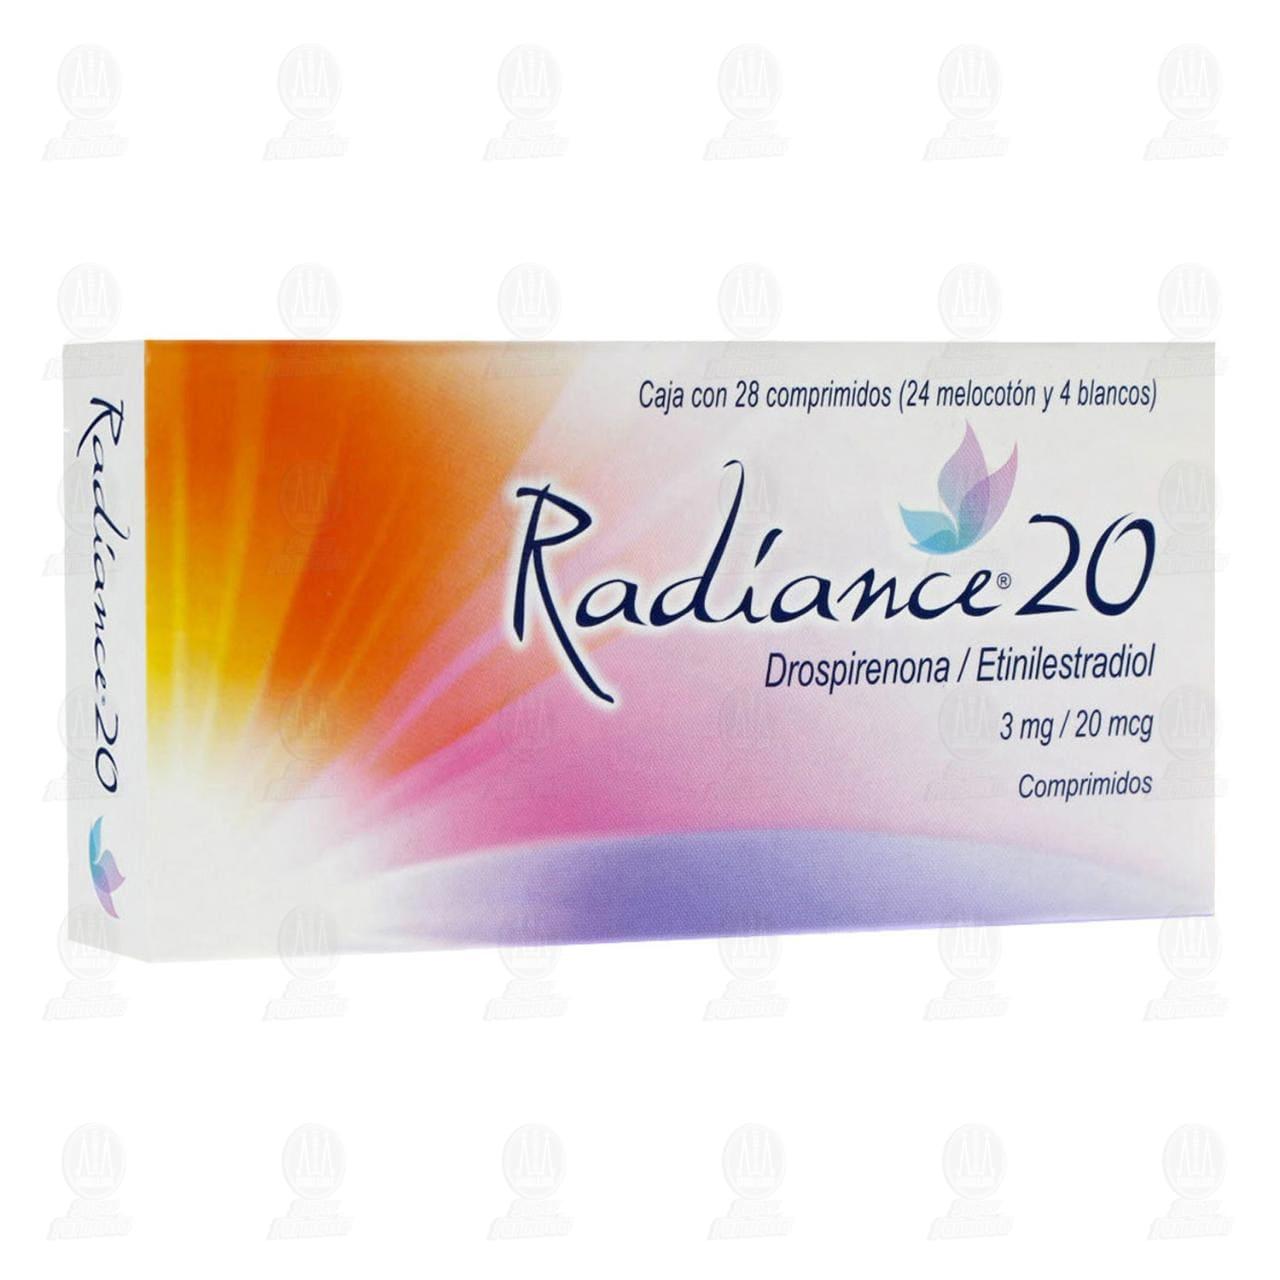 Comprar Radiance 20 3mg/20mcg 28 Comprimidos en Farmacias Guadalajara